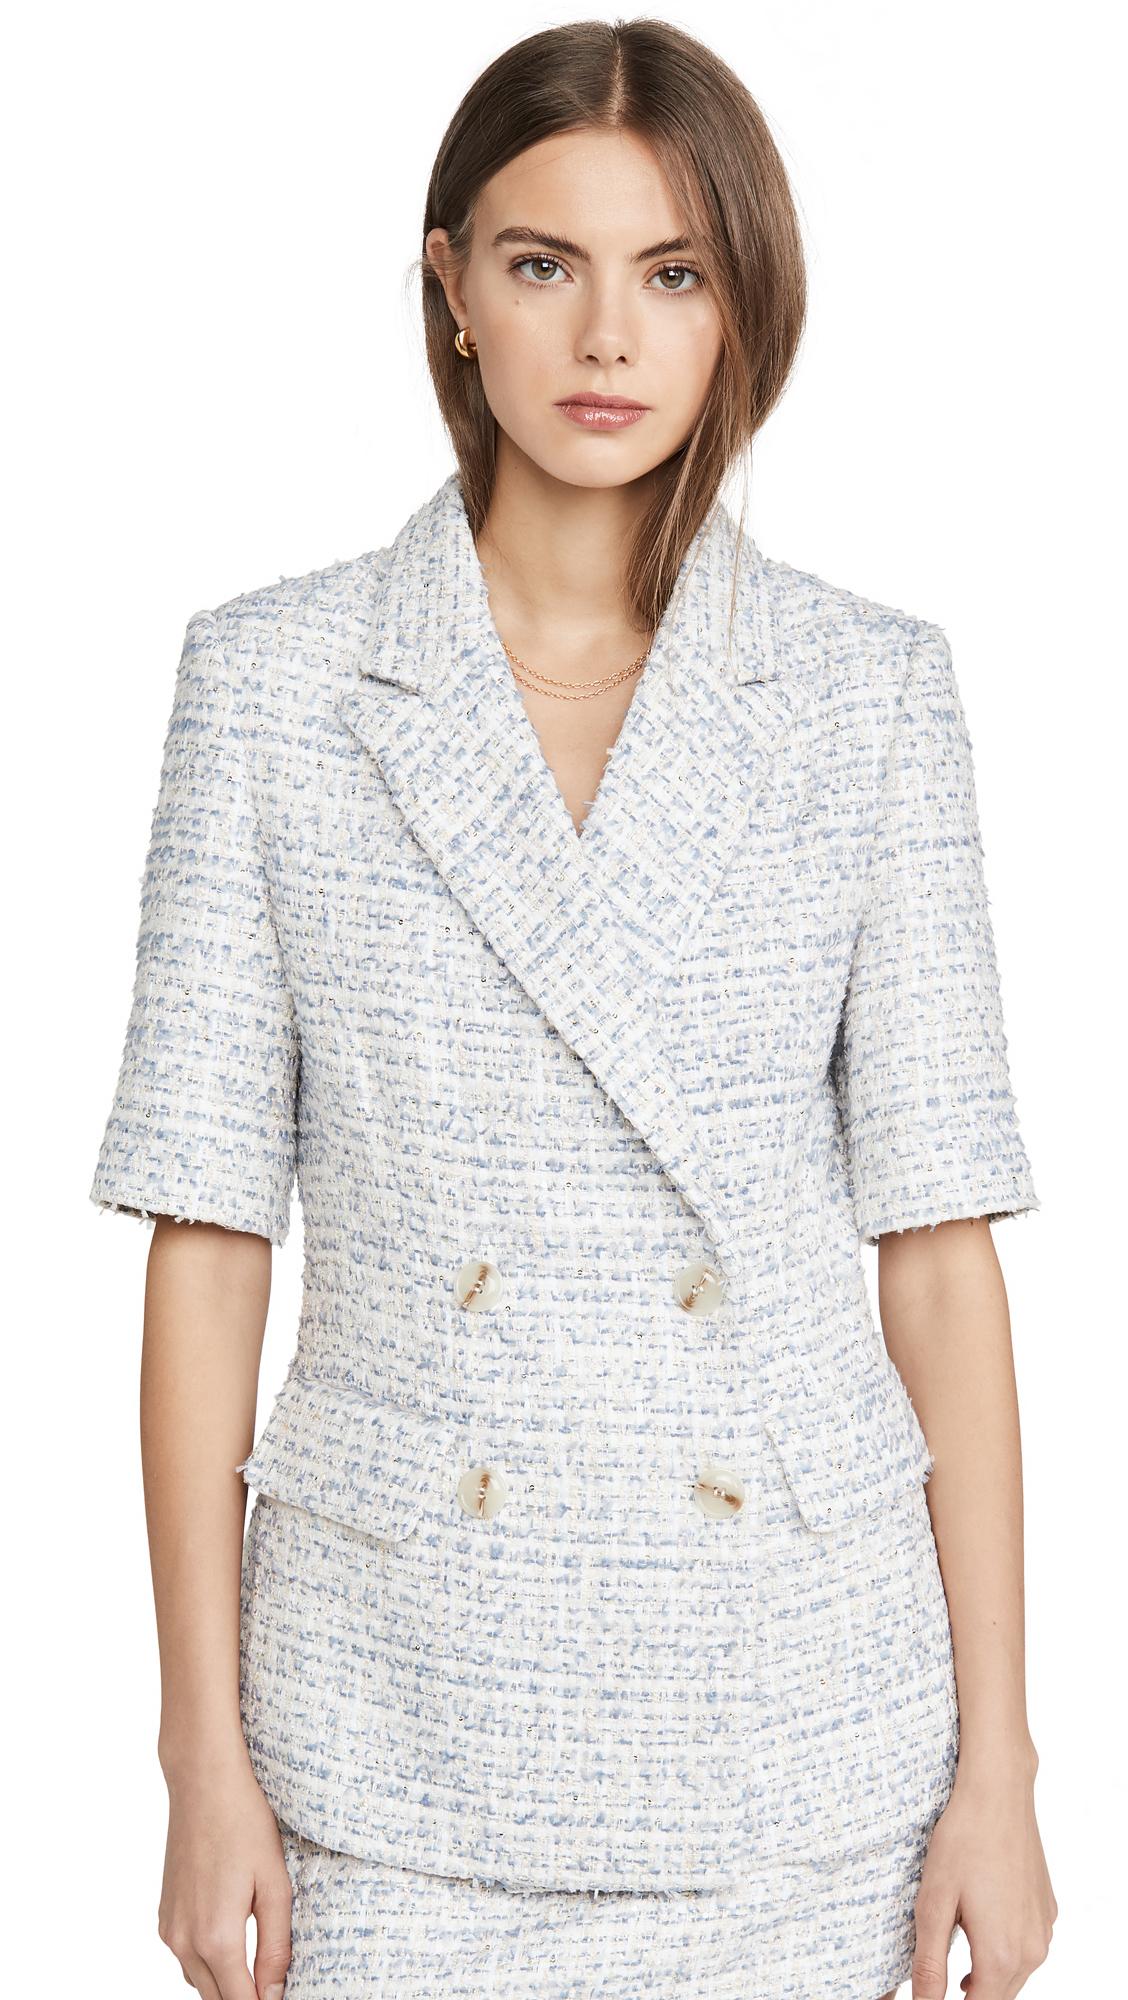 Buy Amanda Uprichard Sawyer Jacket online beautiful Amanda Uprichard Jackets, Coats, Coats